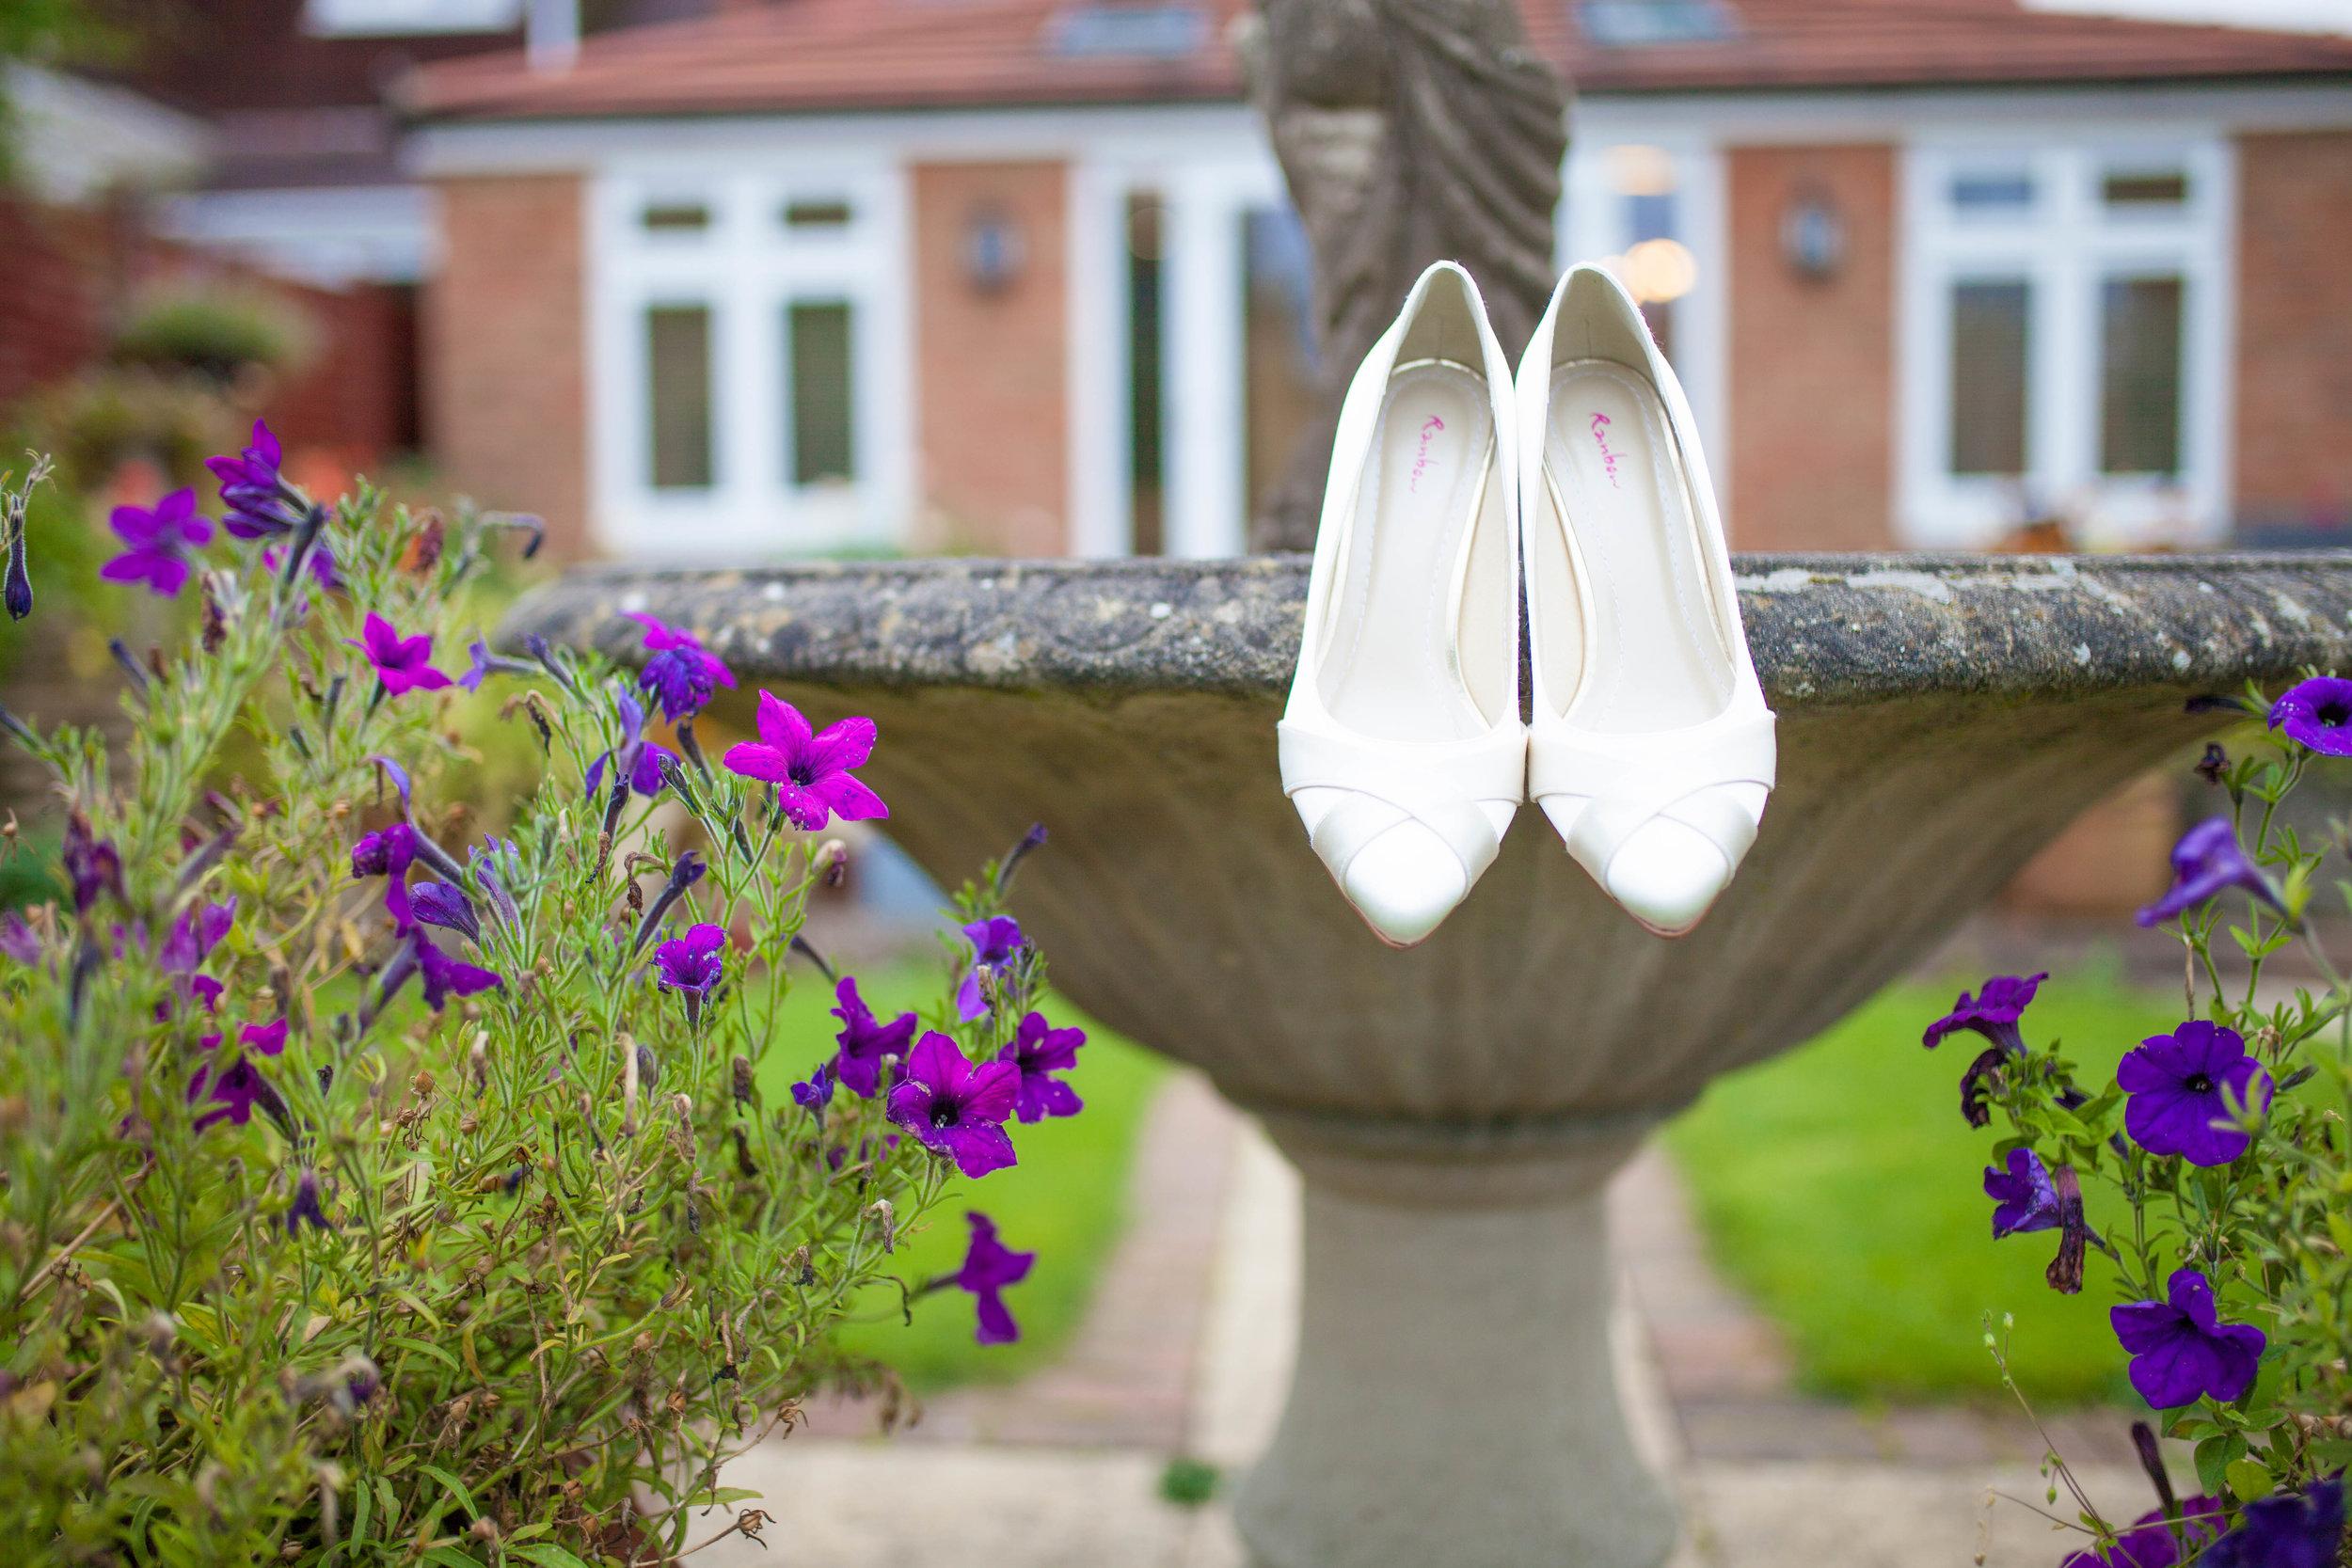 Sywell_Grange_Northampton_Wedding_Nick_Labrum_Photo_Nicola&Ed-1.jpg